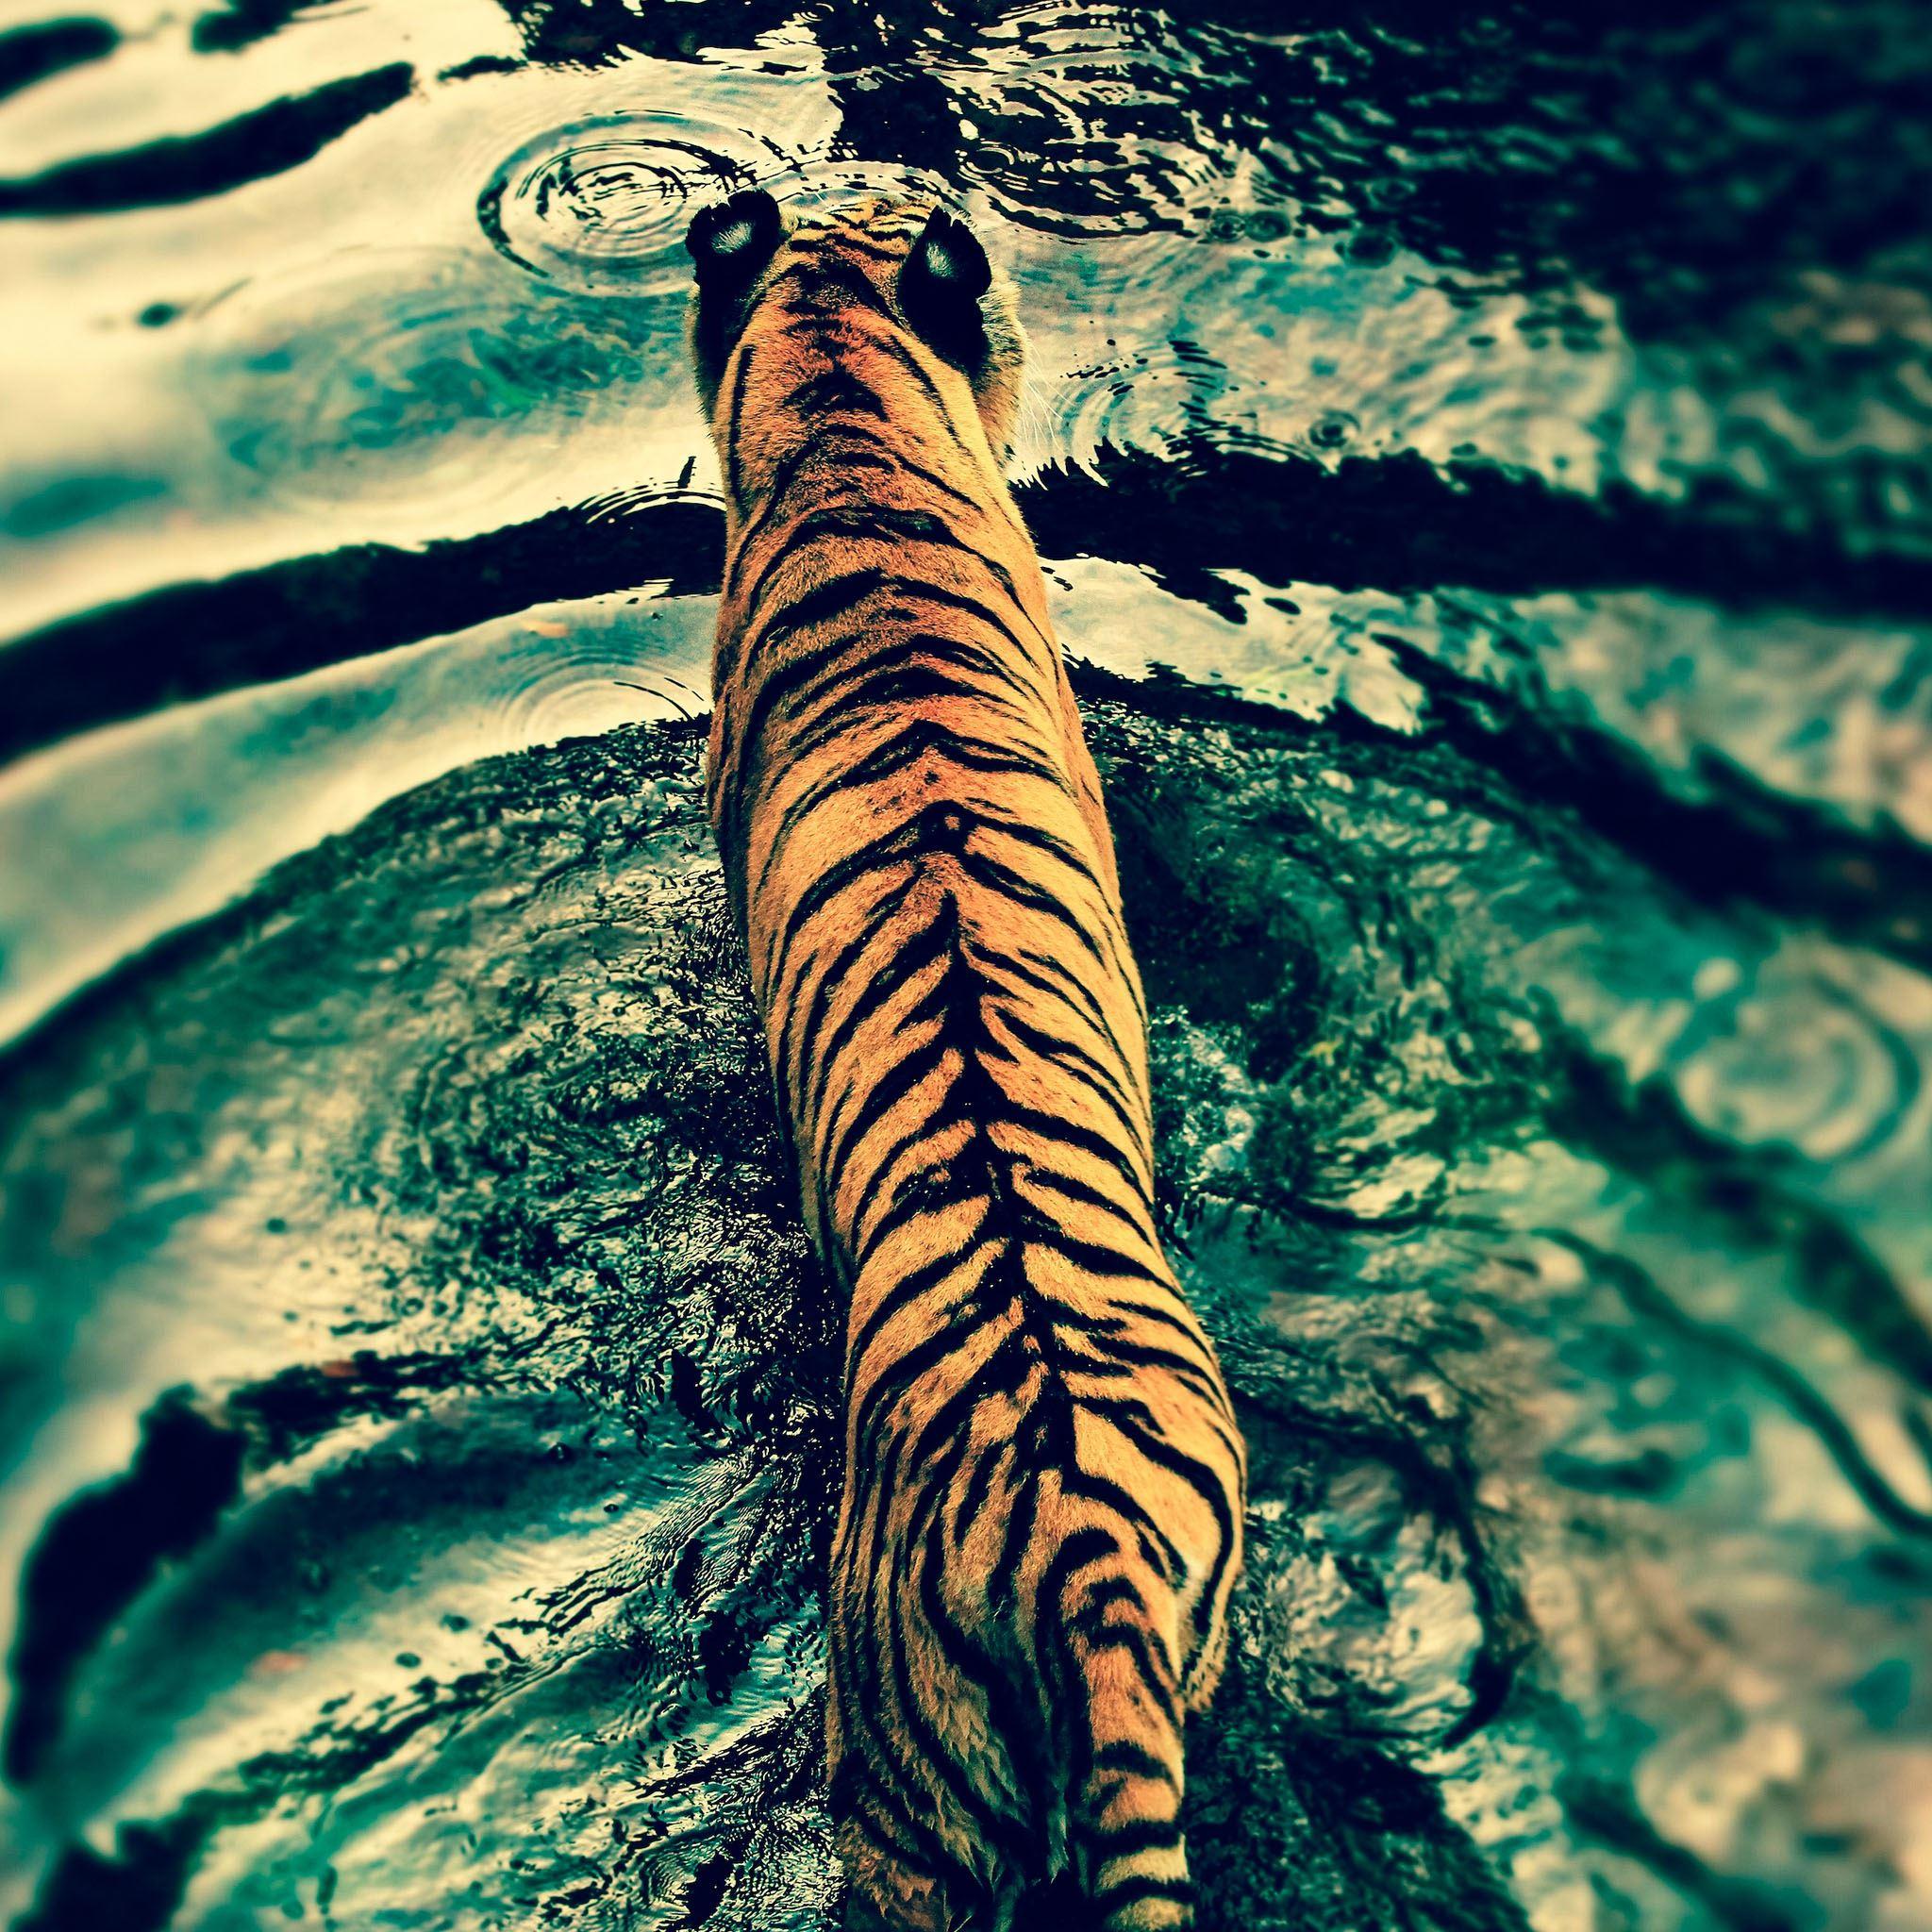 Tiger IPad Air Wallpaper